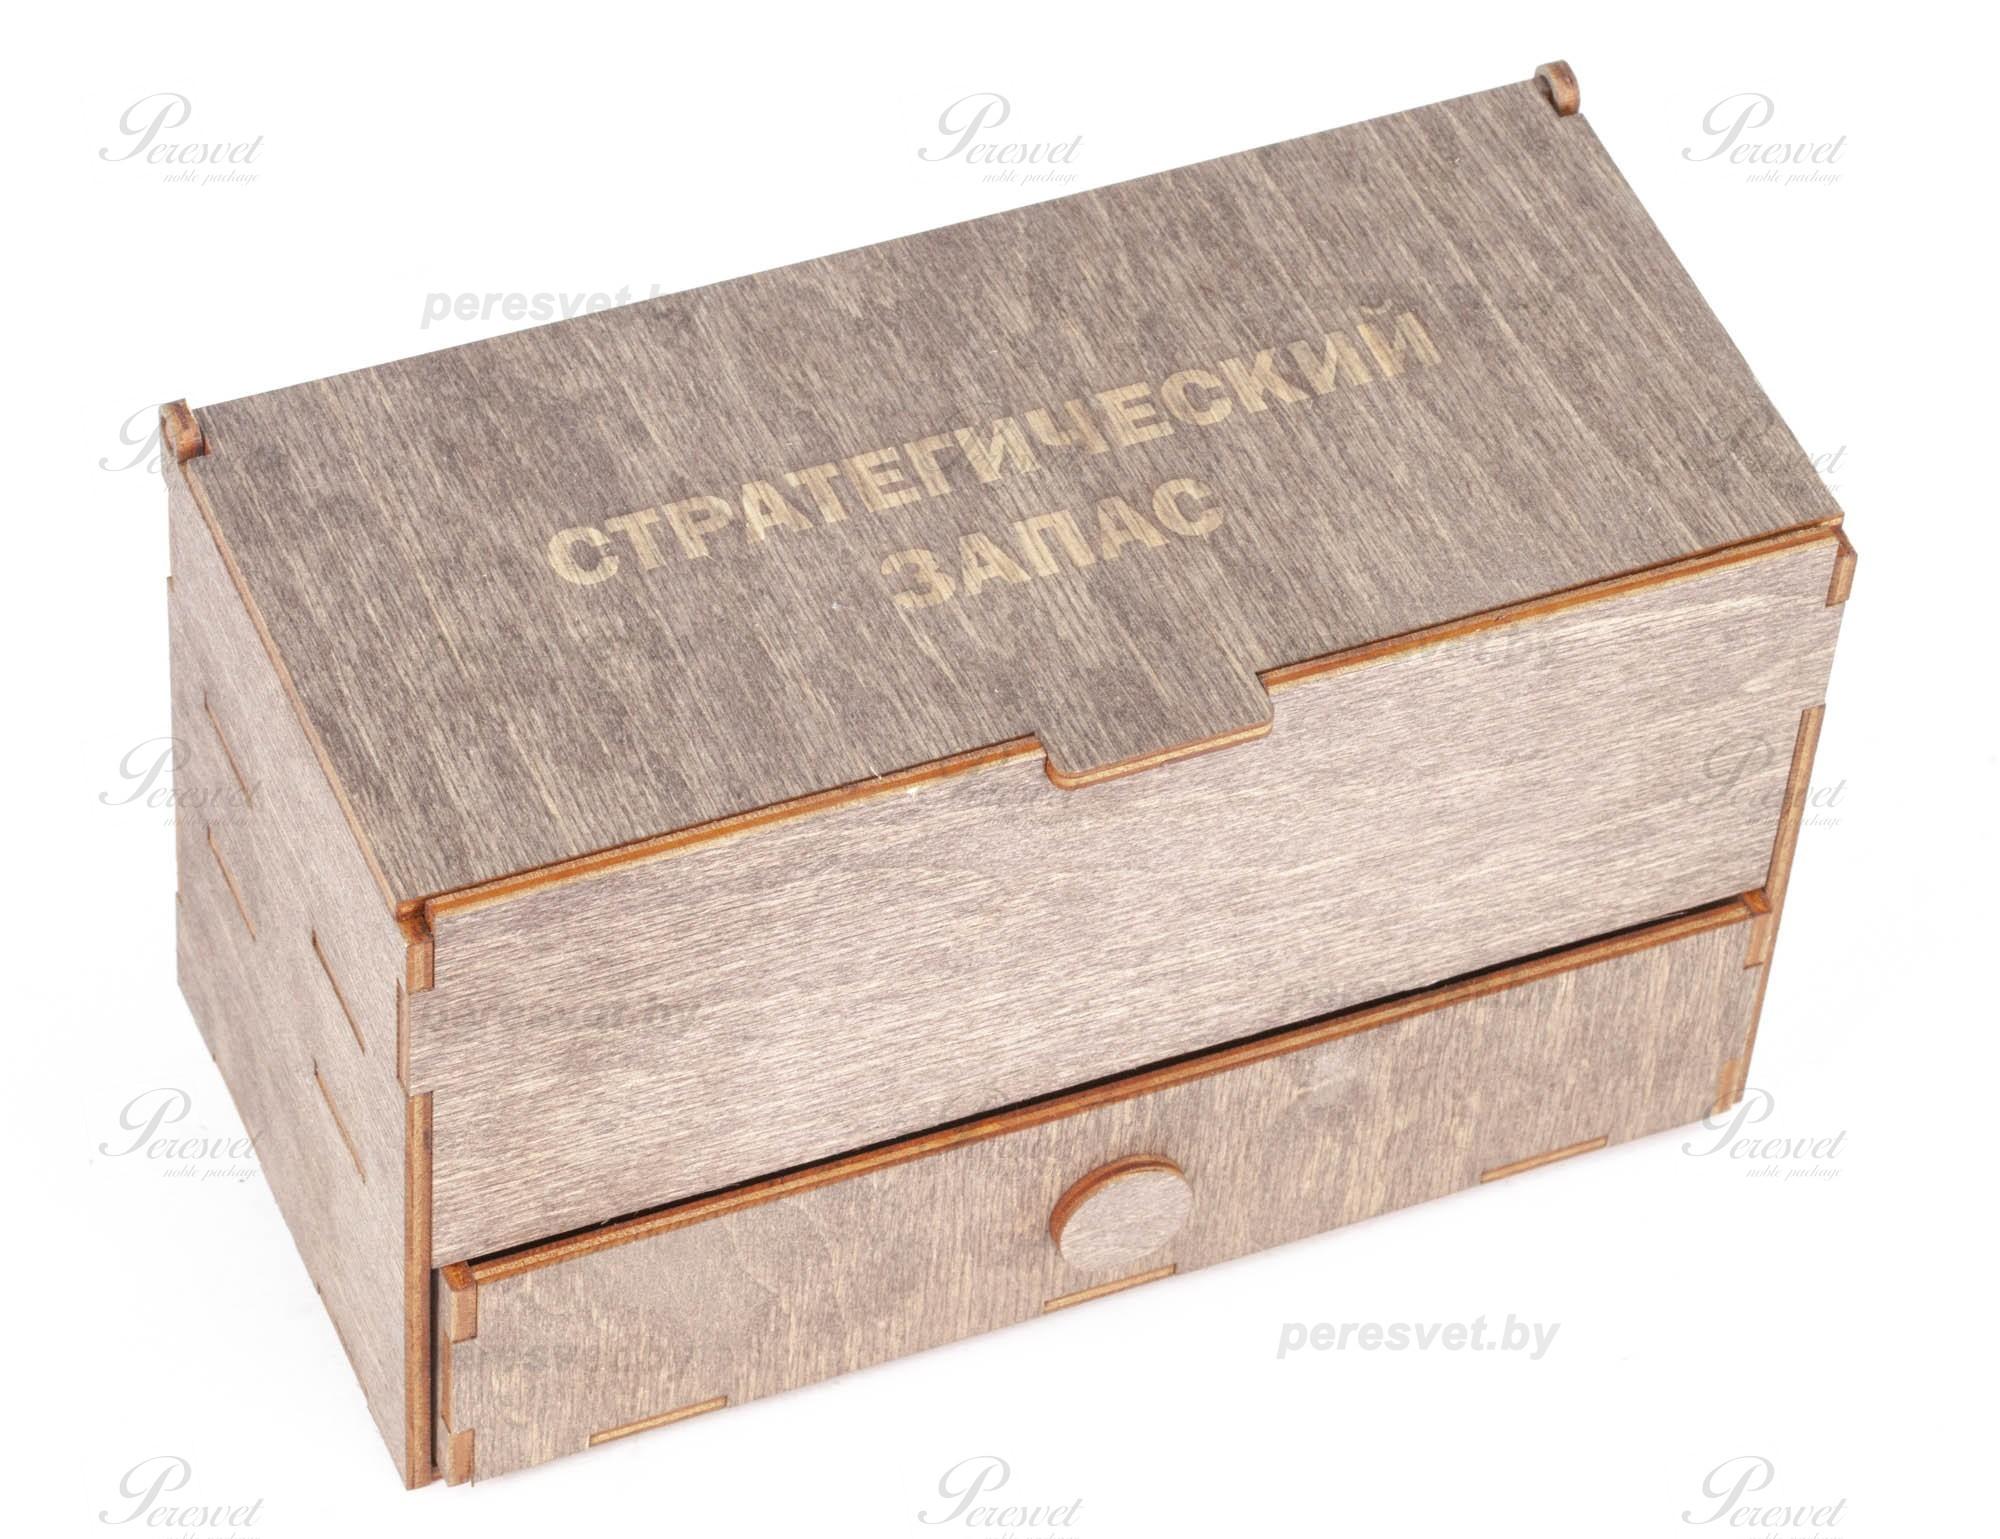 Подарочный набор для мужчин Стратегический запас №2-4 с элементами бронзы на peresvet.by